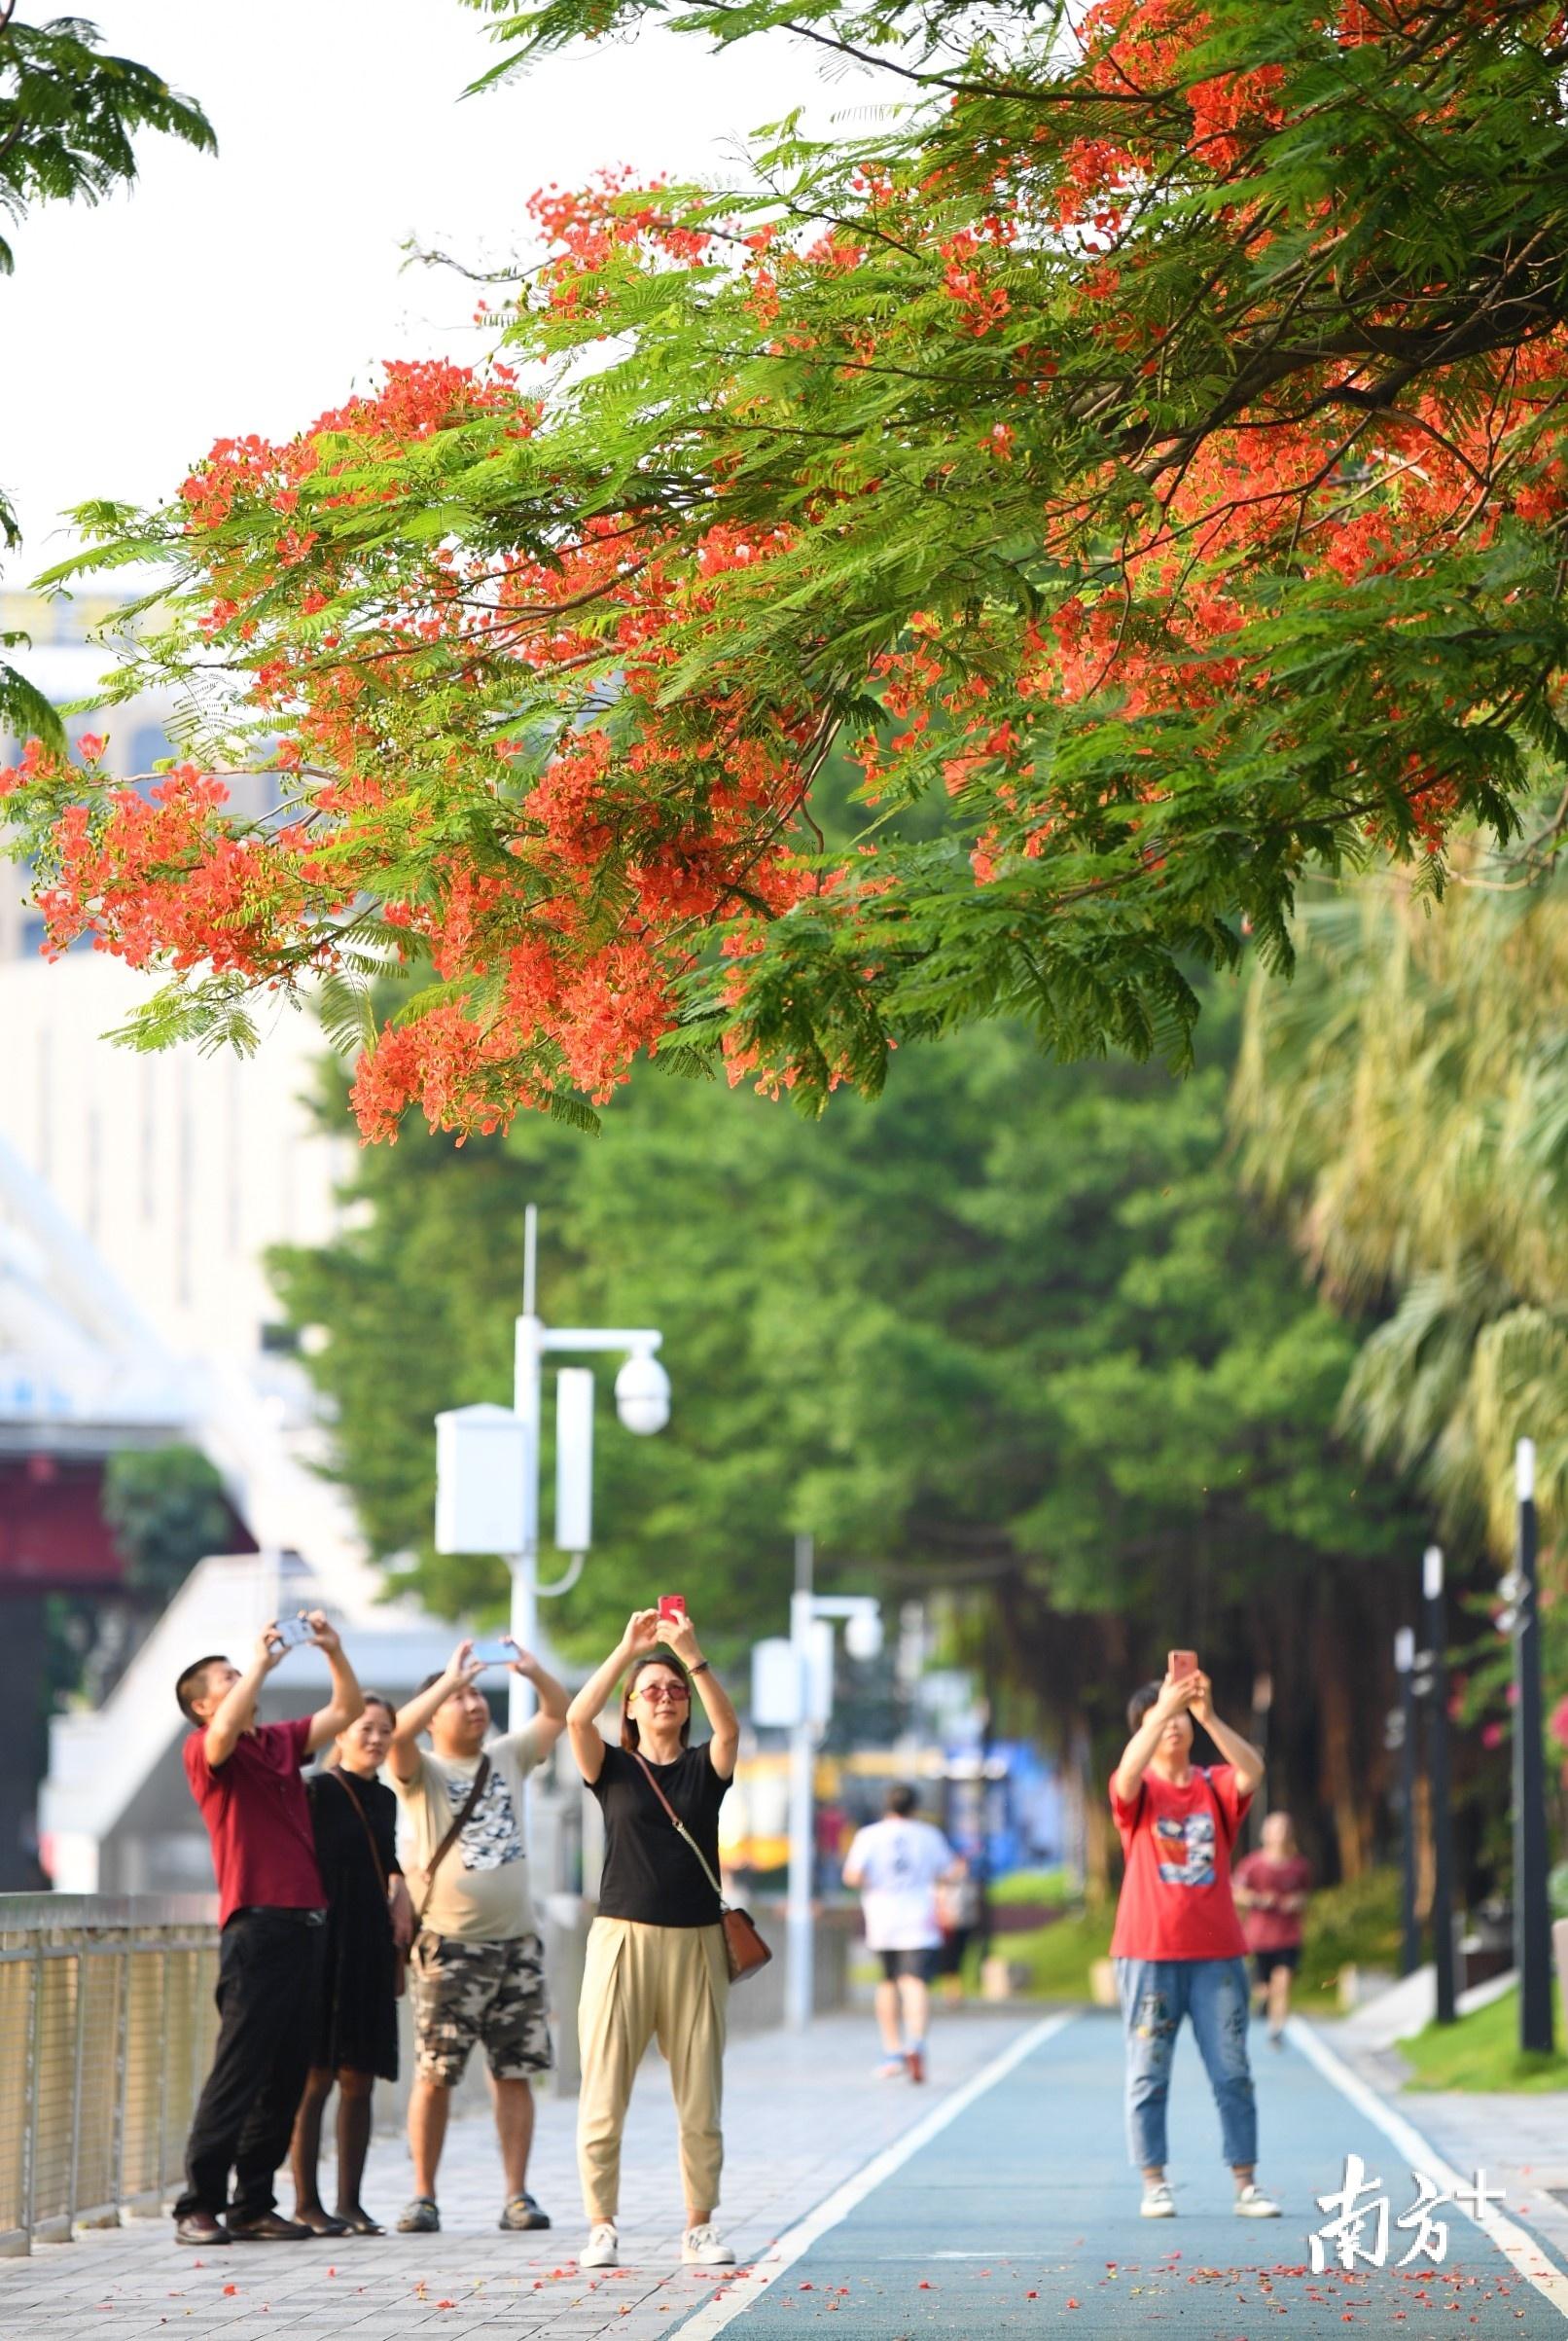 见到金凤花开,市民纷纷举起手机拍摄。杨兴乐摄